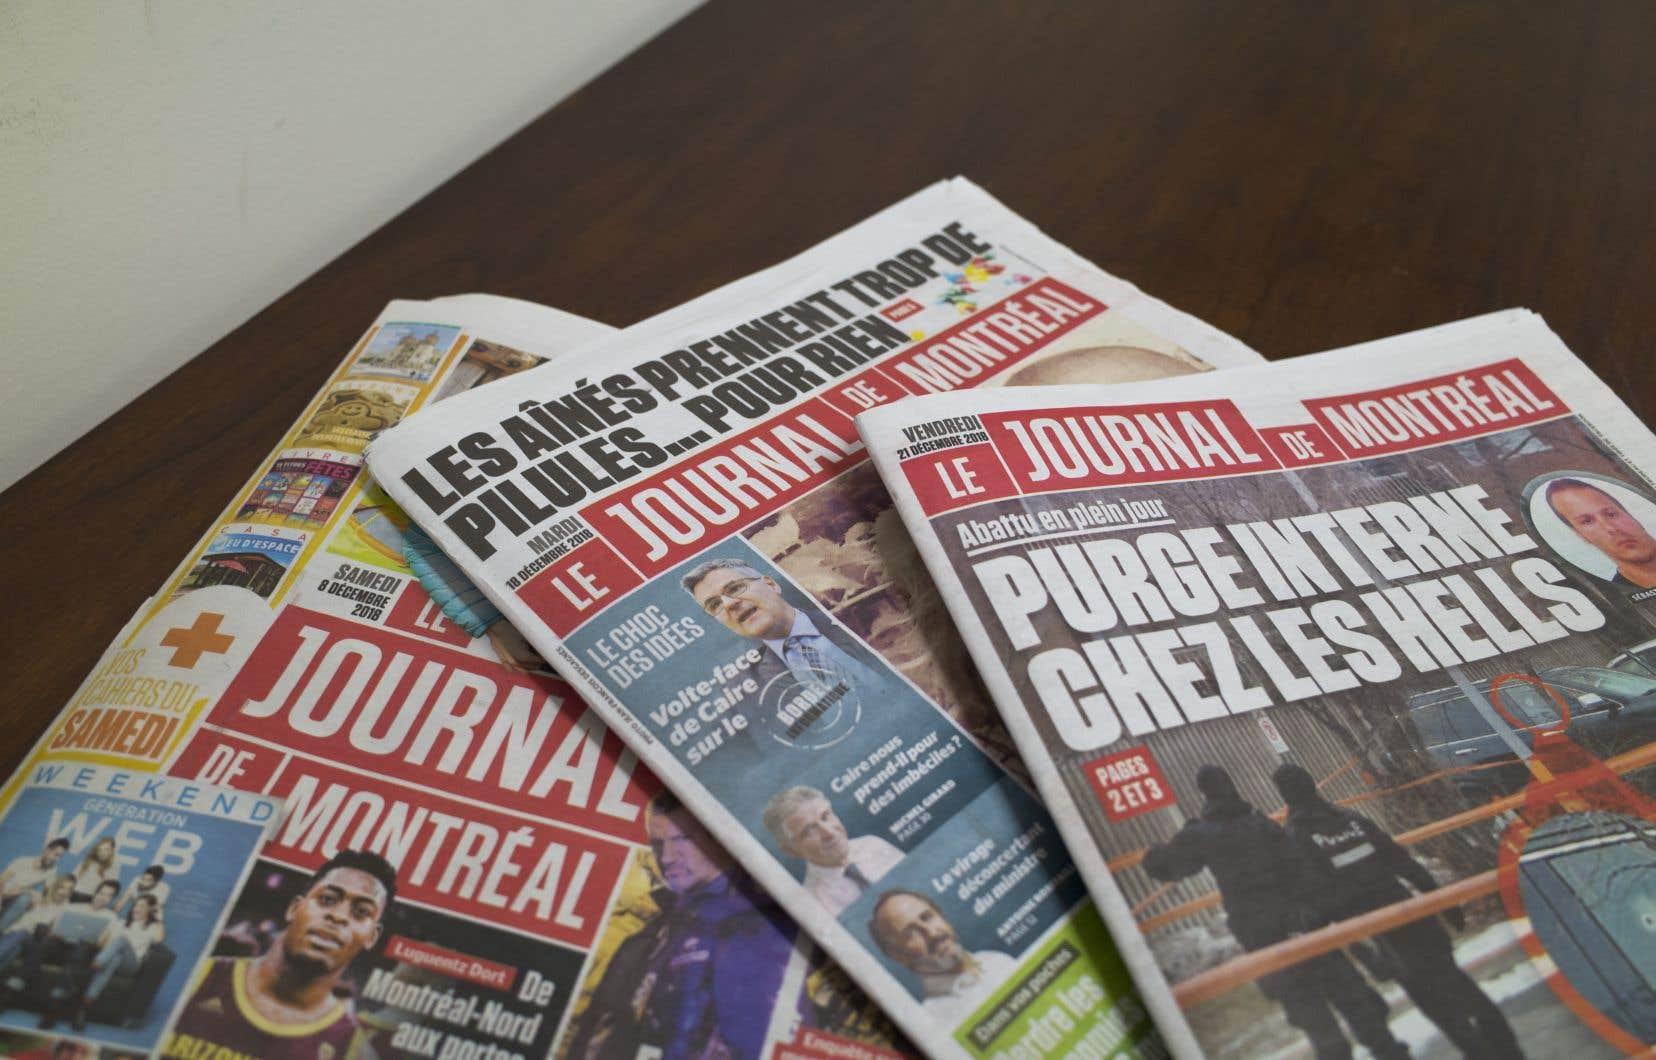 «Le Journal de Montréal» a cessé de publier les lettres de ses lecteurs dans son édition papier.